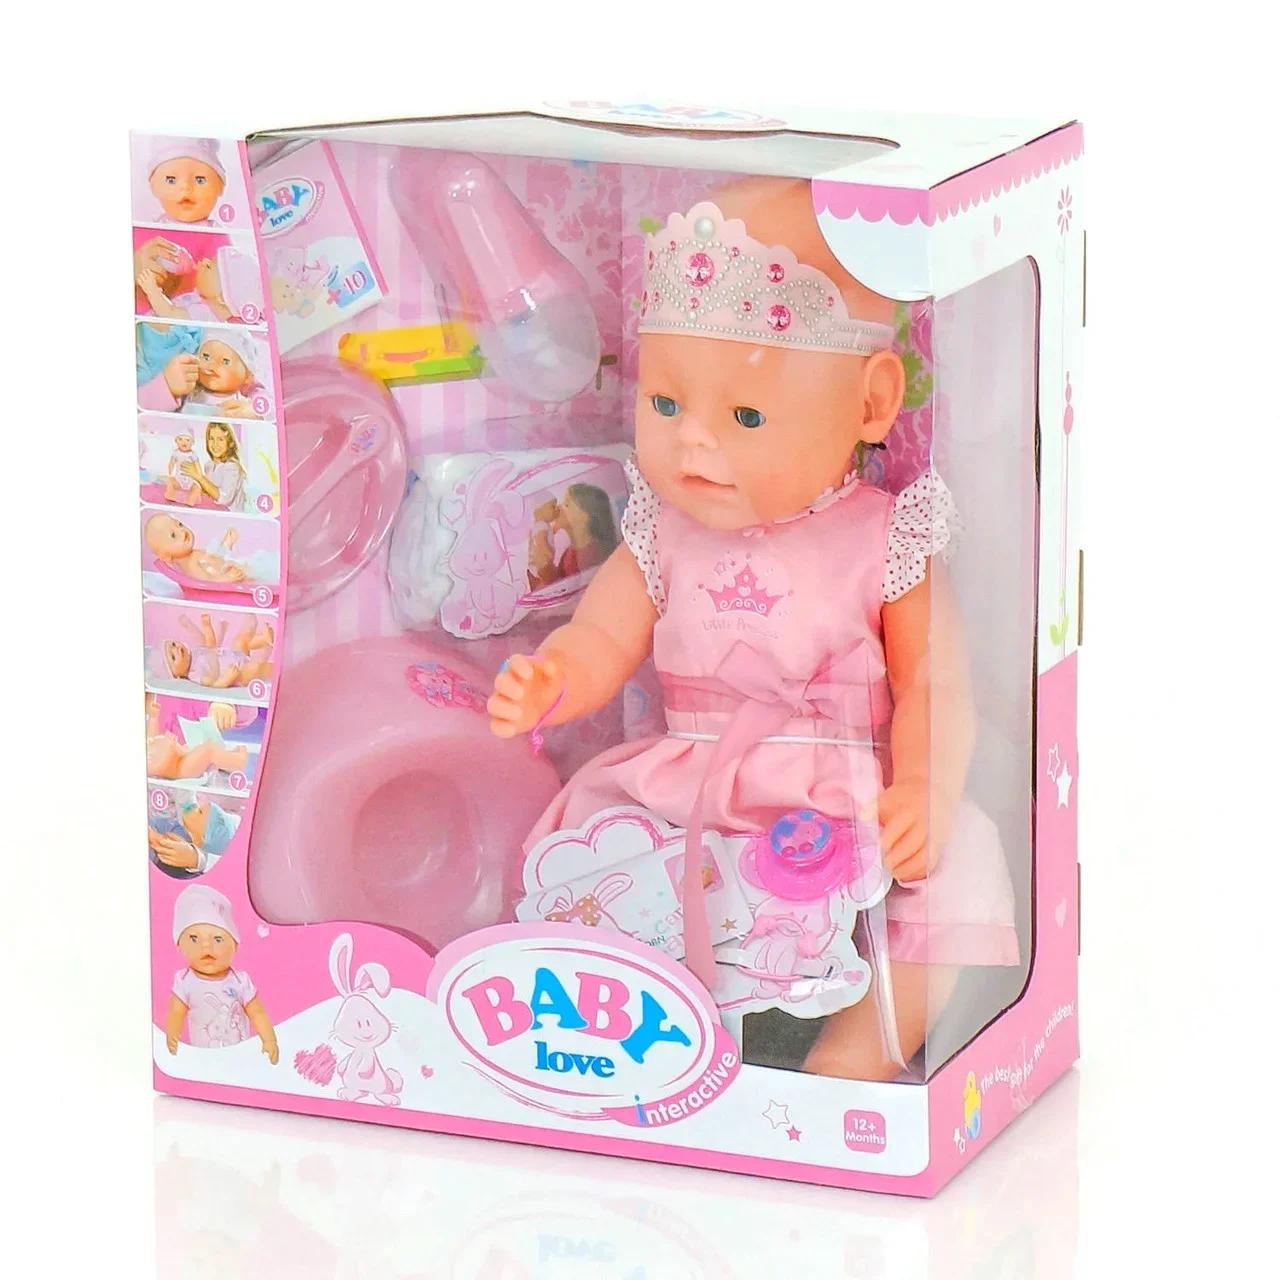 Детский пупсик для девочки Yale Baby BL 018, многофункциональный пупс на 8 функций с аксессуарами